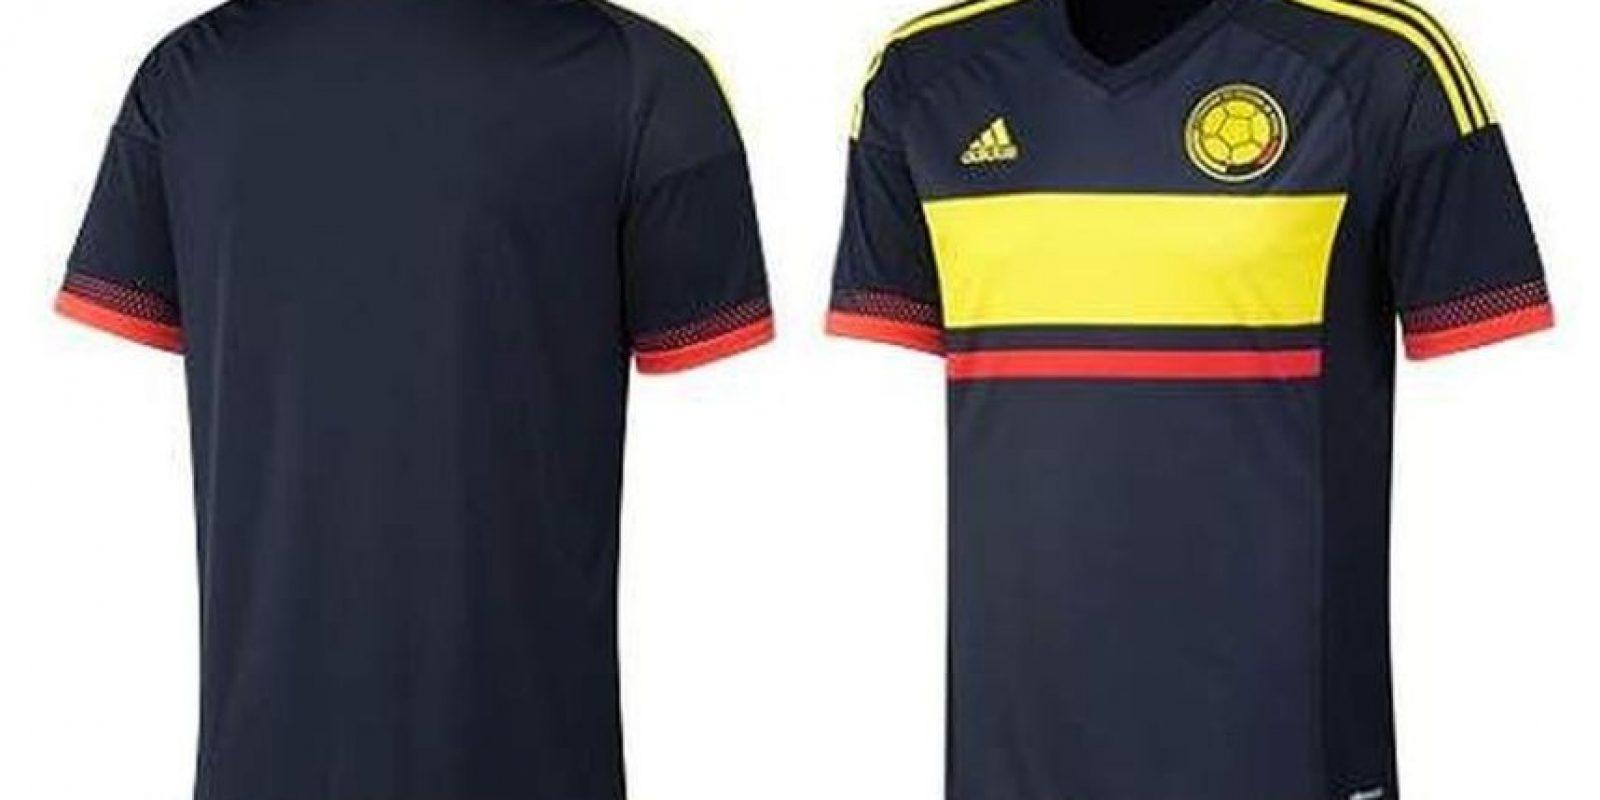 Así es la camiseta de visitante. Foto:Adidas